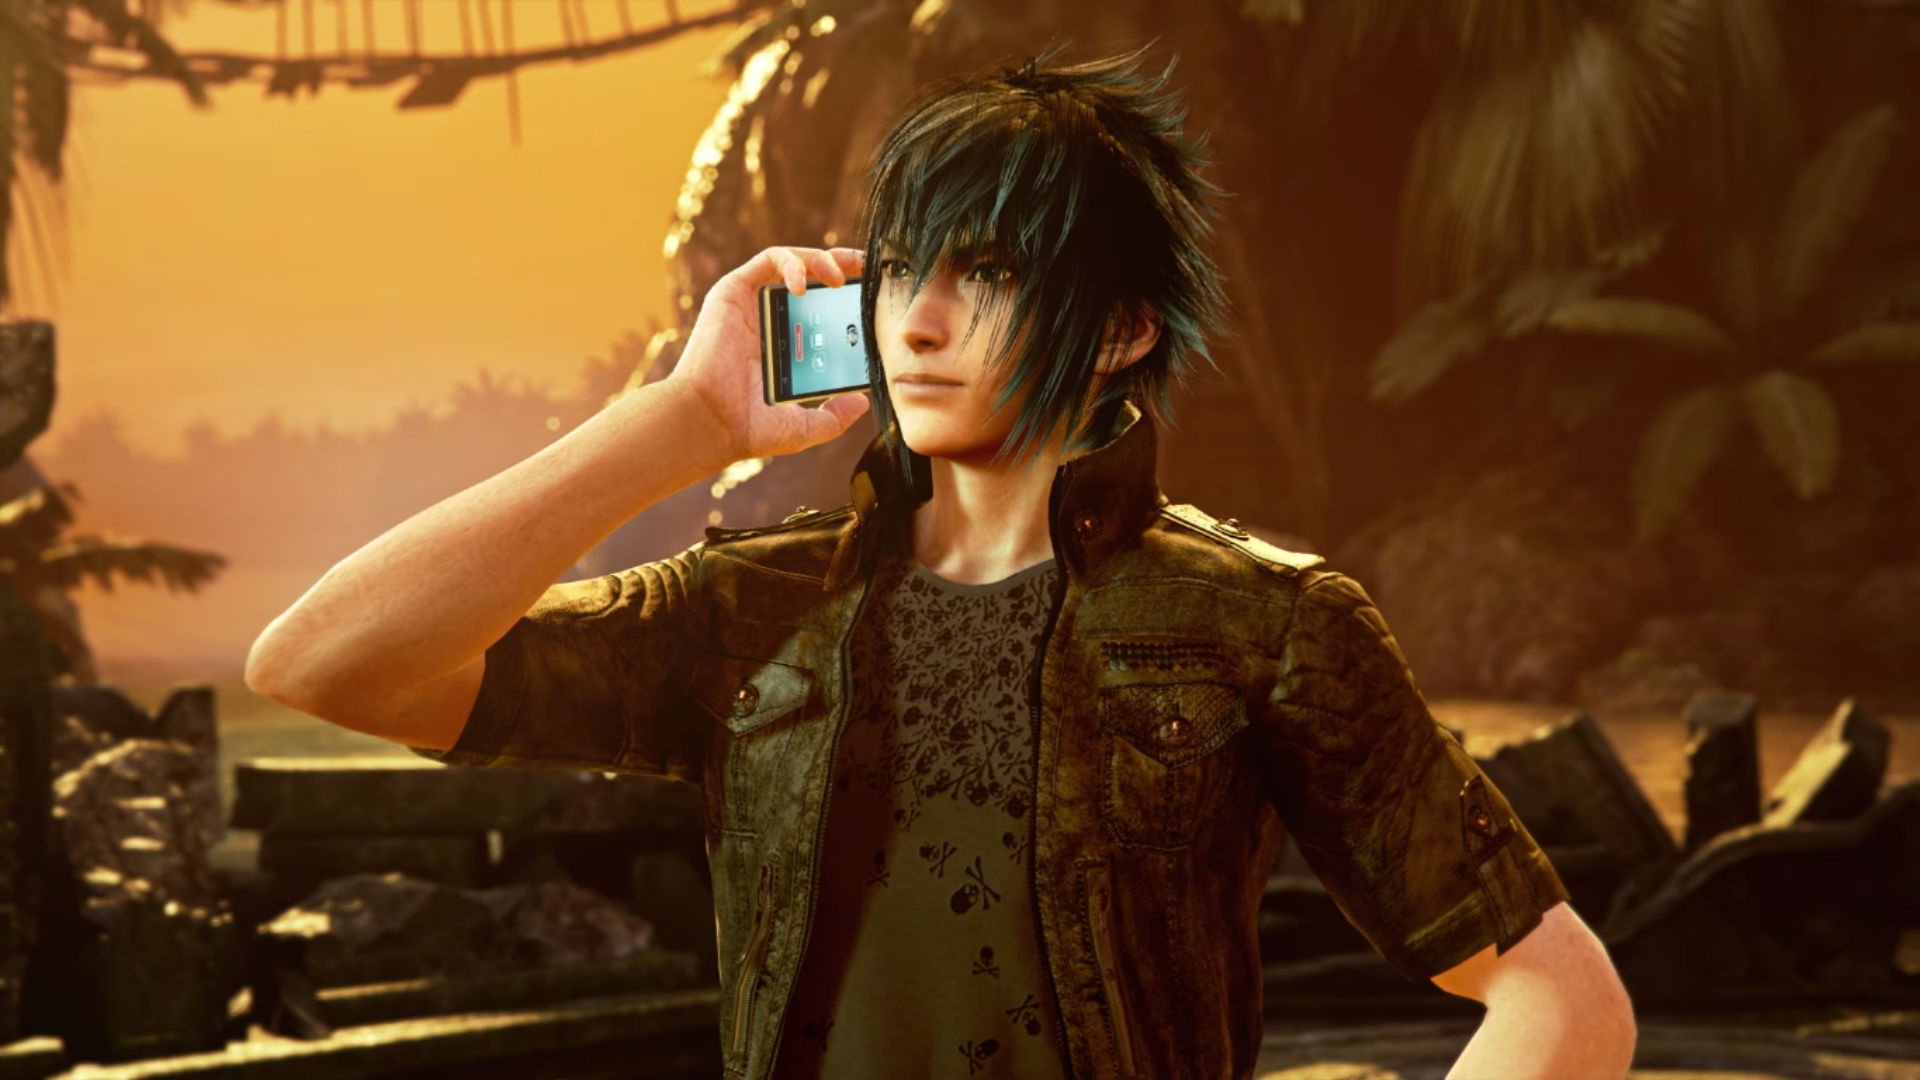 Final Fantasy XV's Noctis is coming to Tekken 7 screenshot